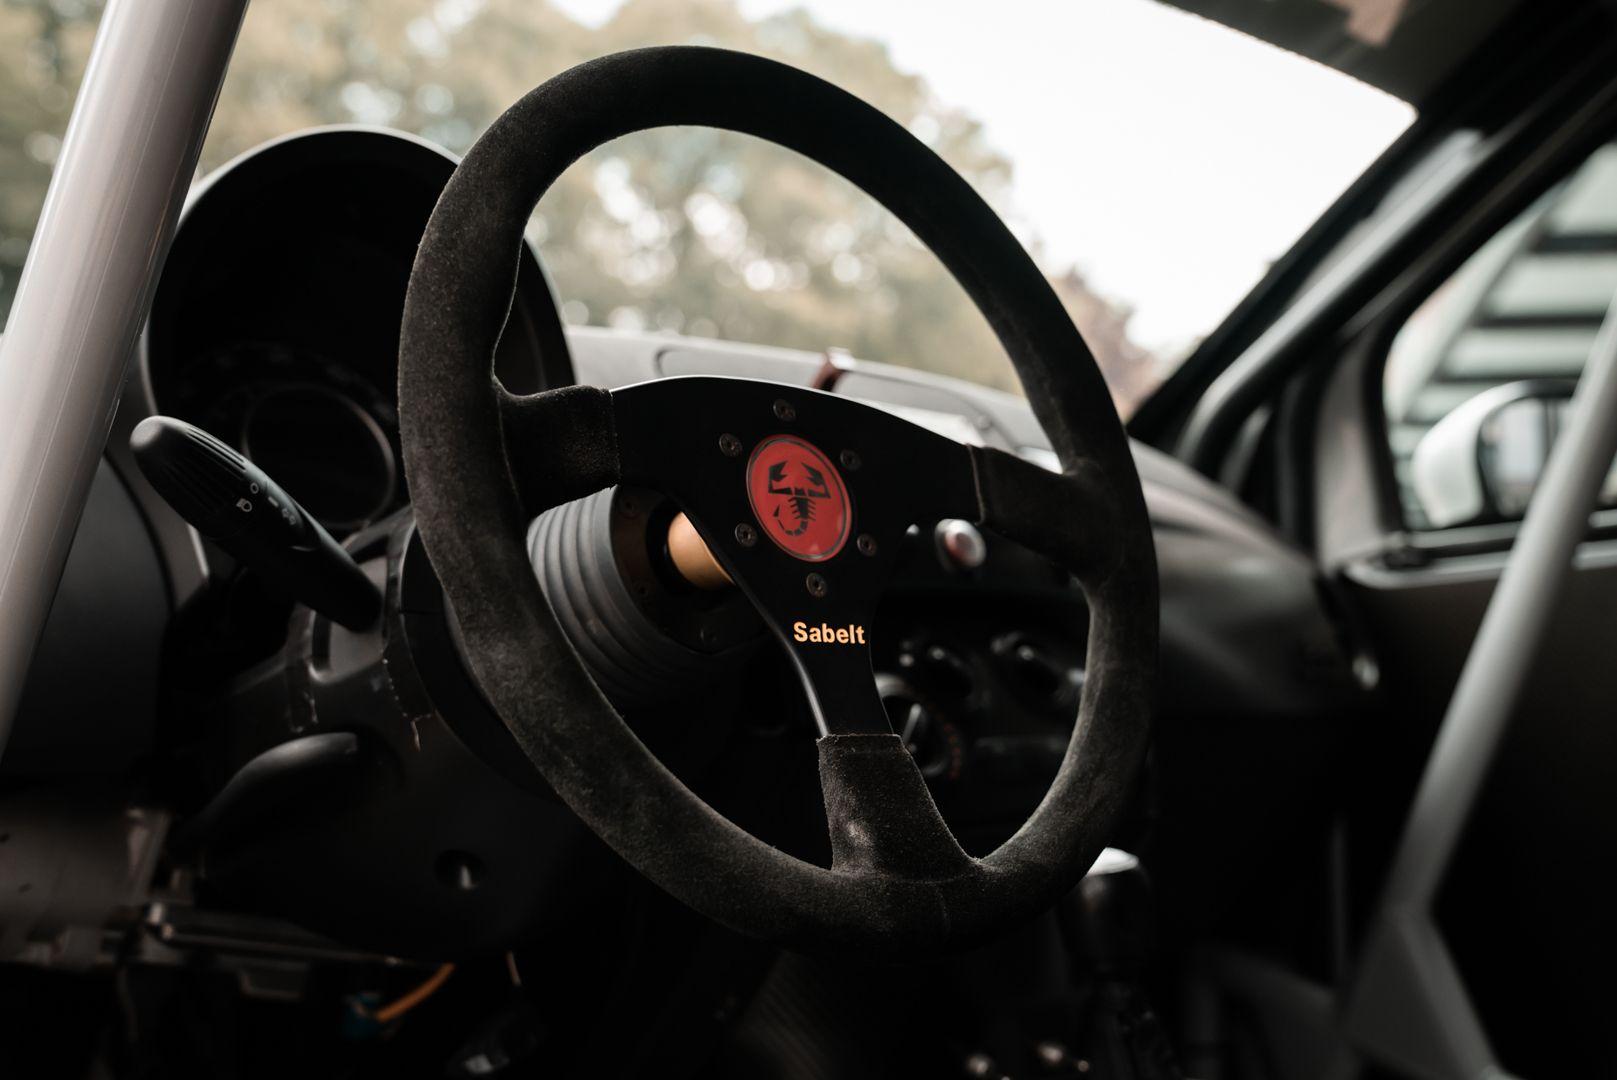 2008 Fiat 500 Abarth Assetto Corse 45/49 77386